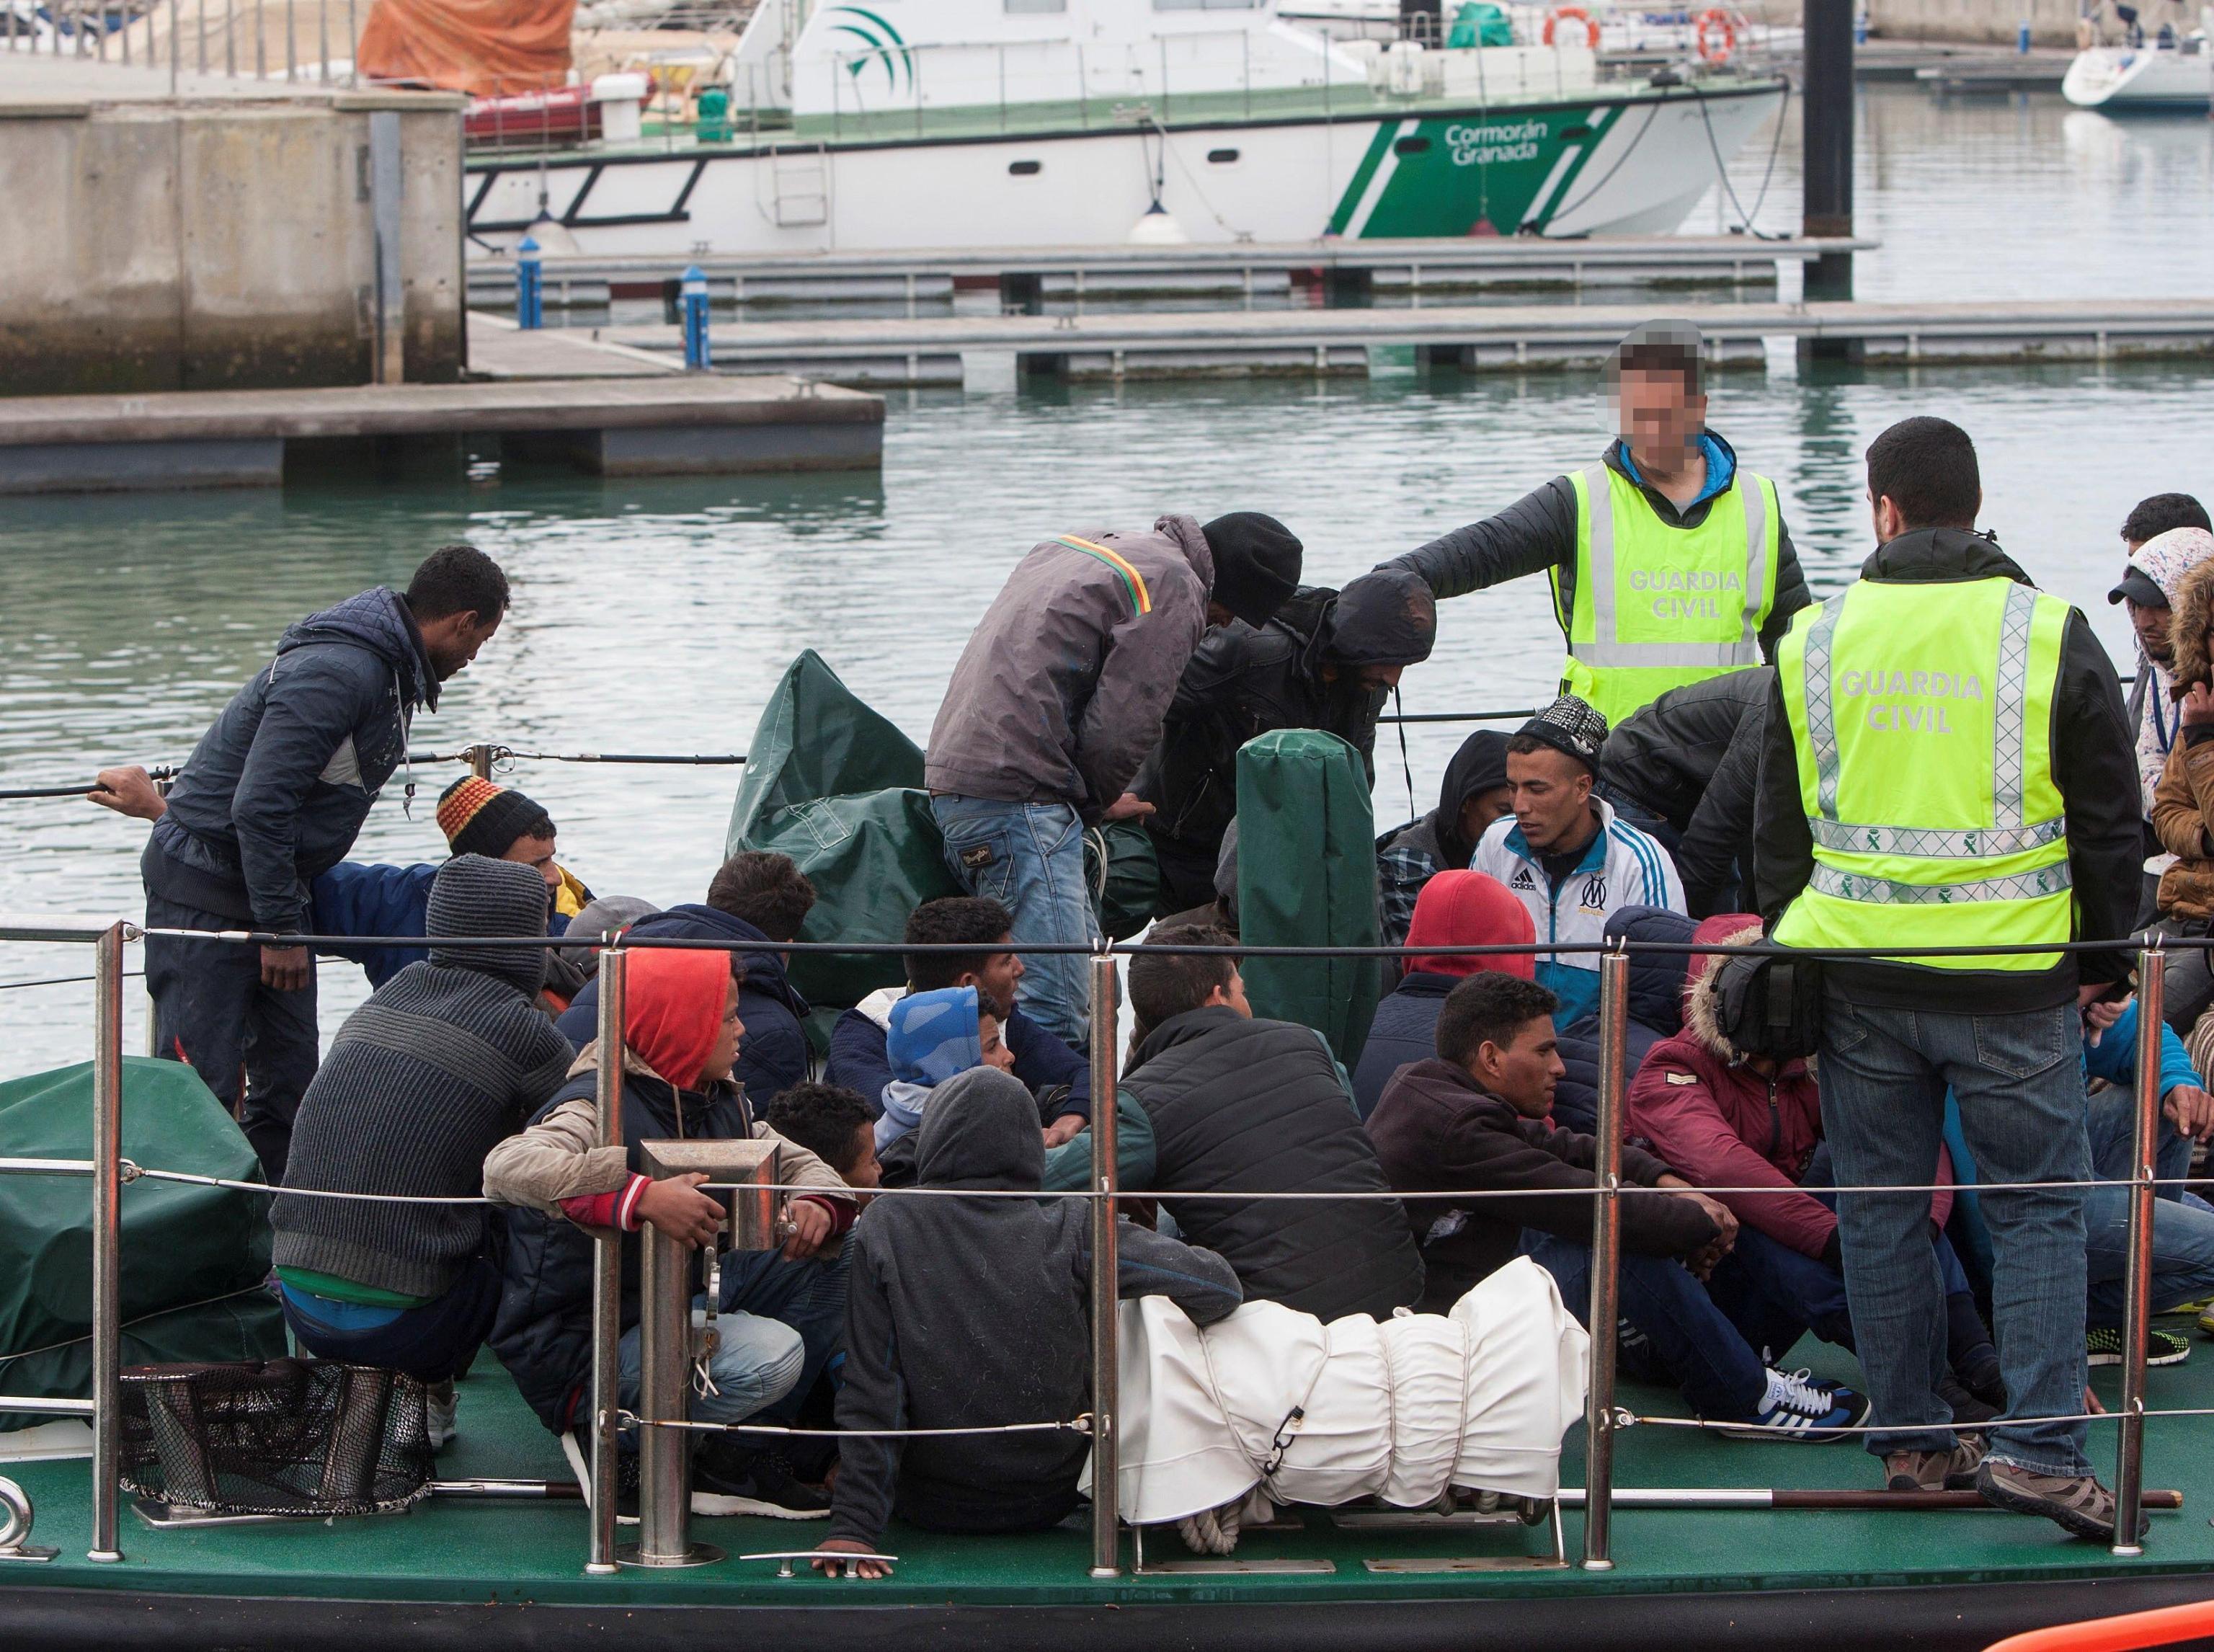 Migranti: Amnesty accusa governi Ue